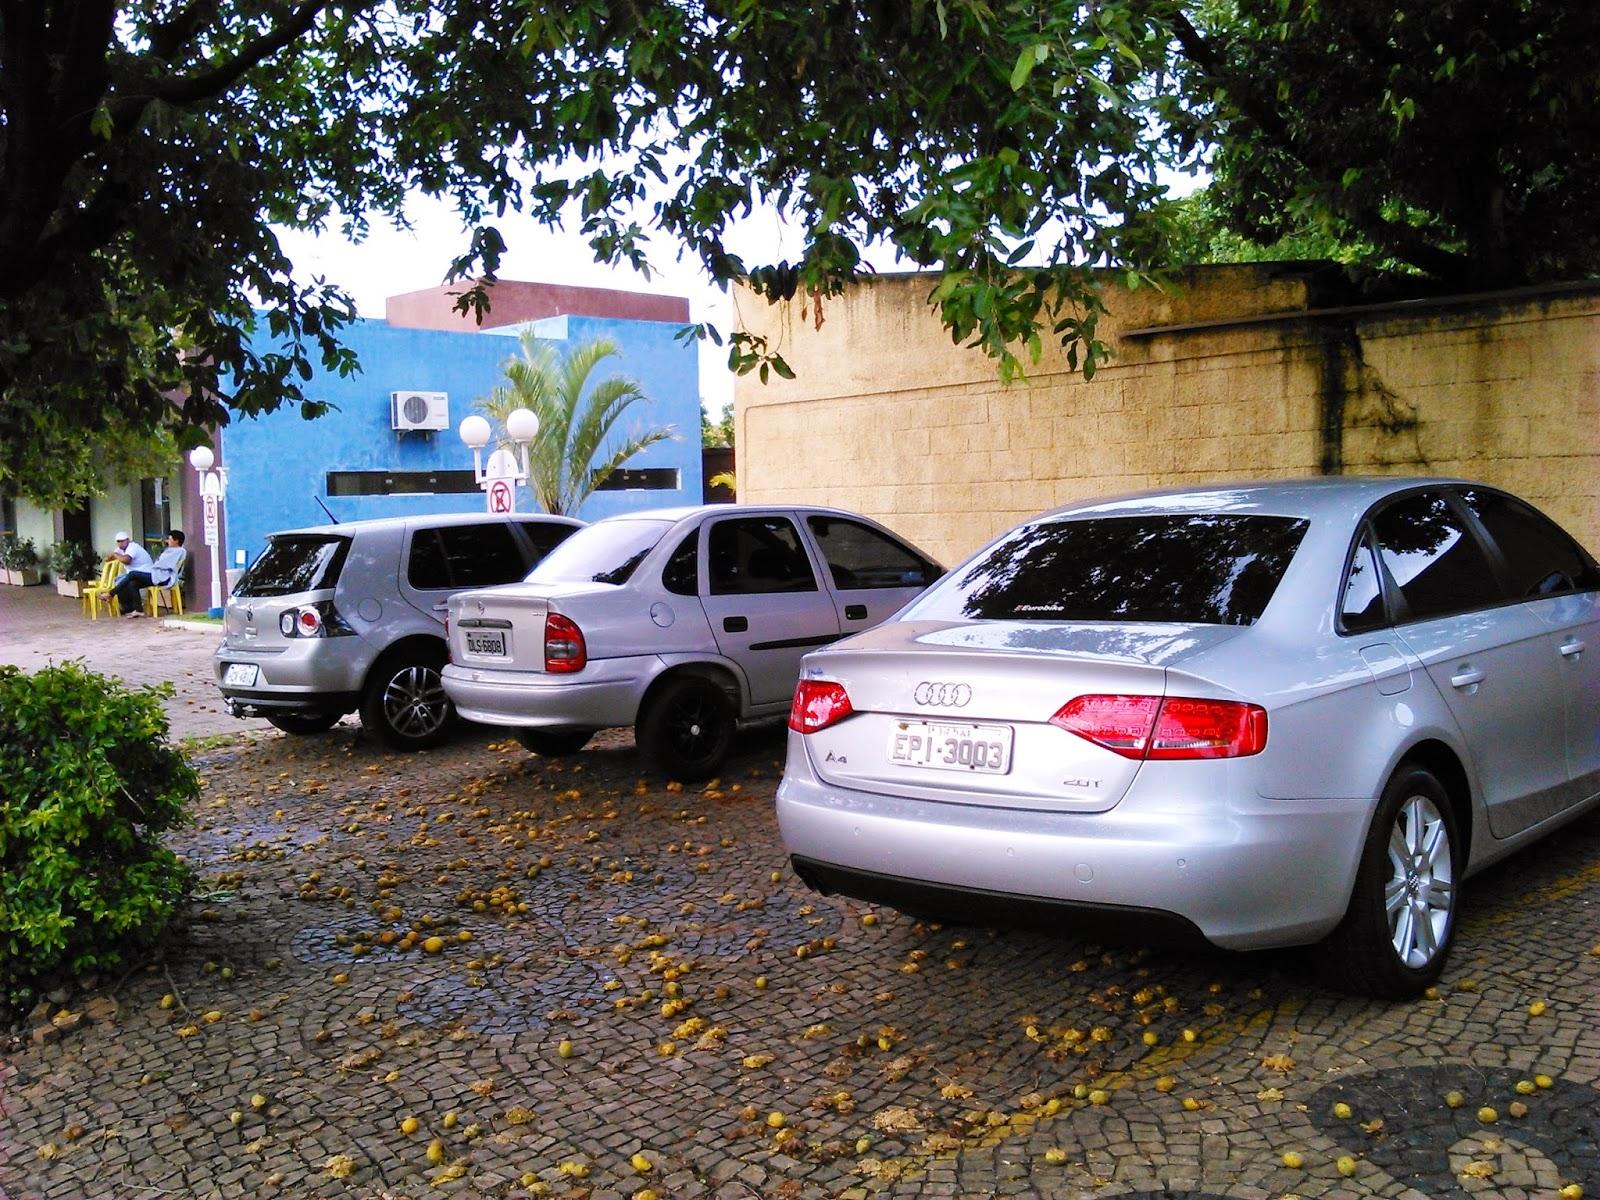 24166d8cd1e Segundo o delegado Alceu de Lima Júnior as investigações iniciadas há um  ano apontam que uma quadrilha